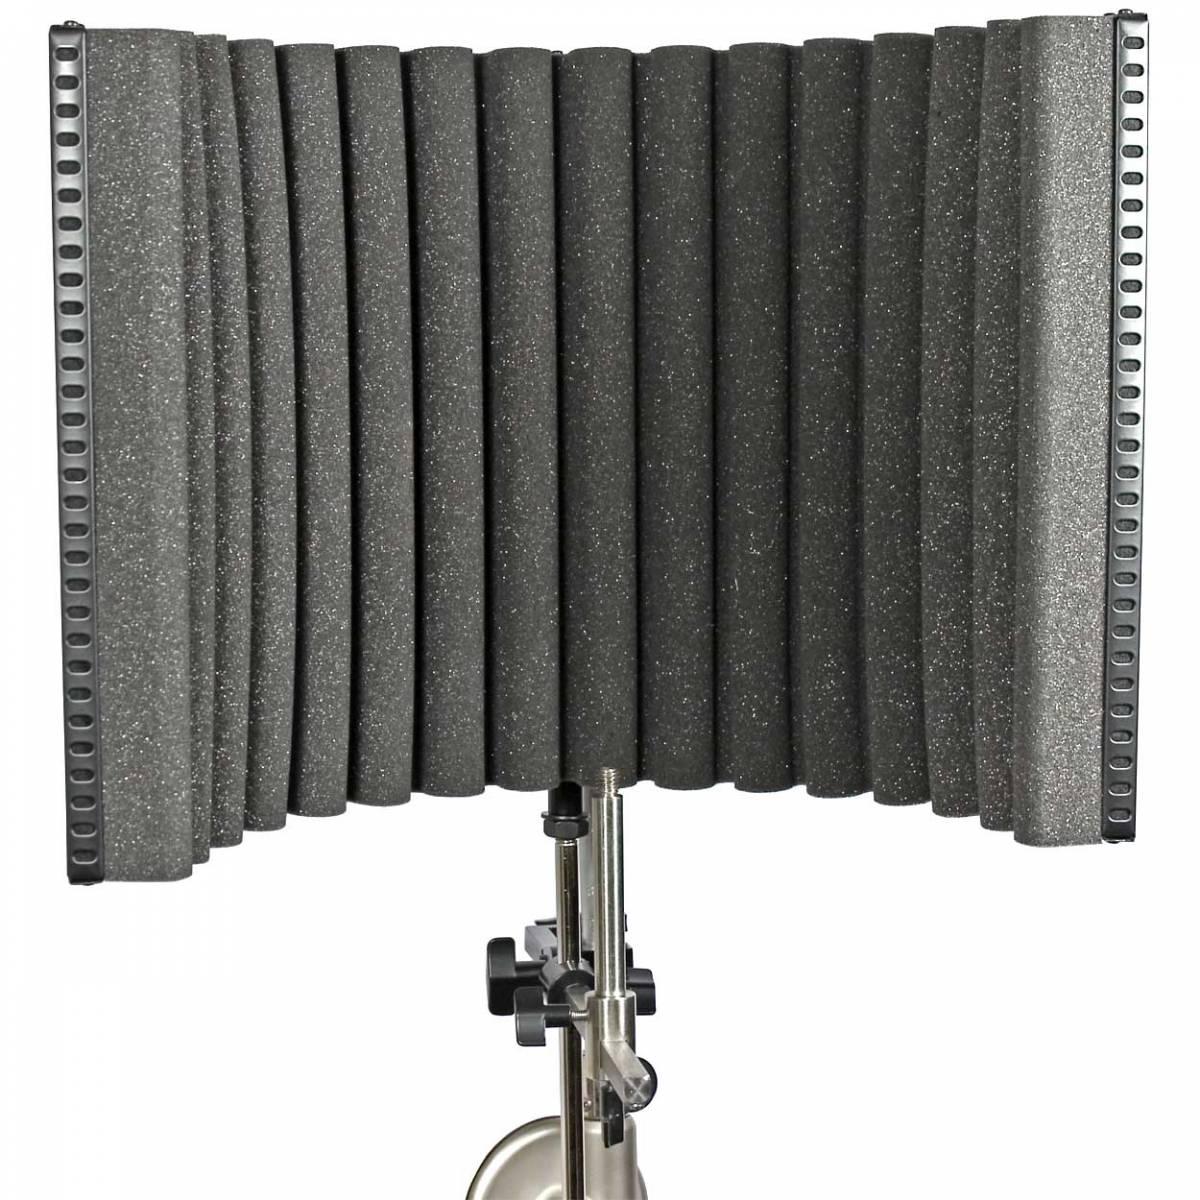 se electronics x1 mic and reflection filter bundle. Black Bedroom Furniture Sets. Home Design Ideas